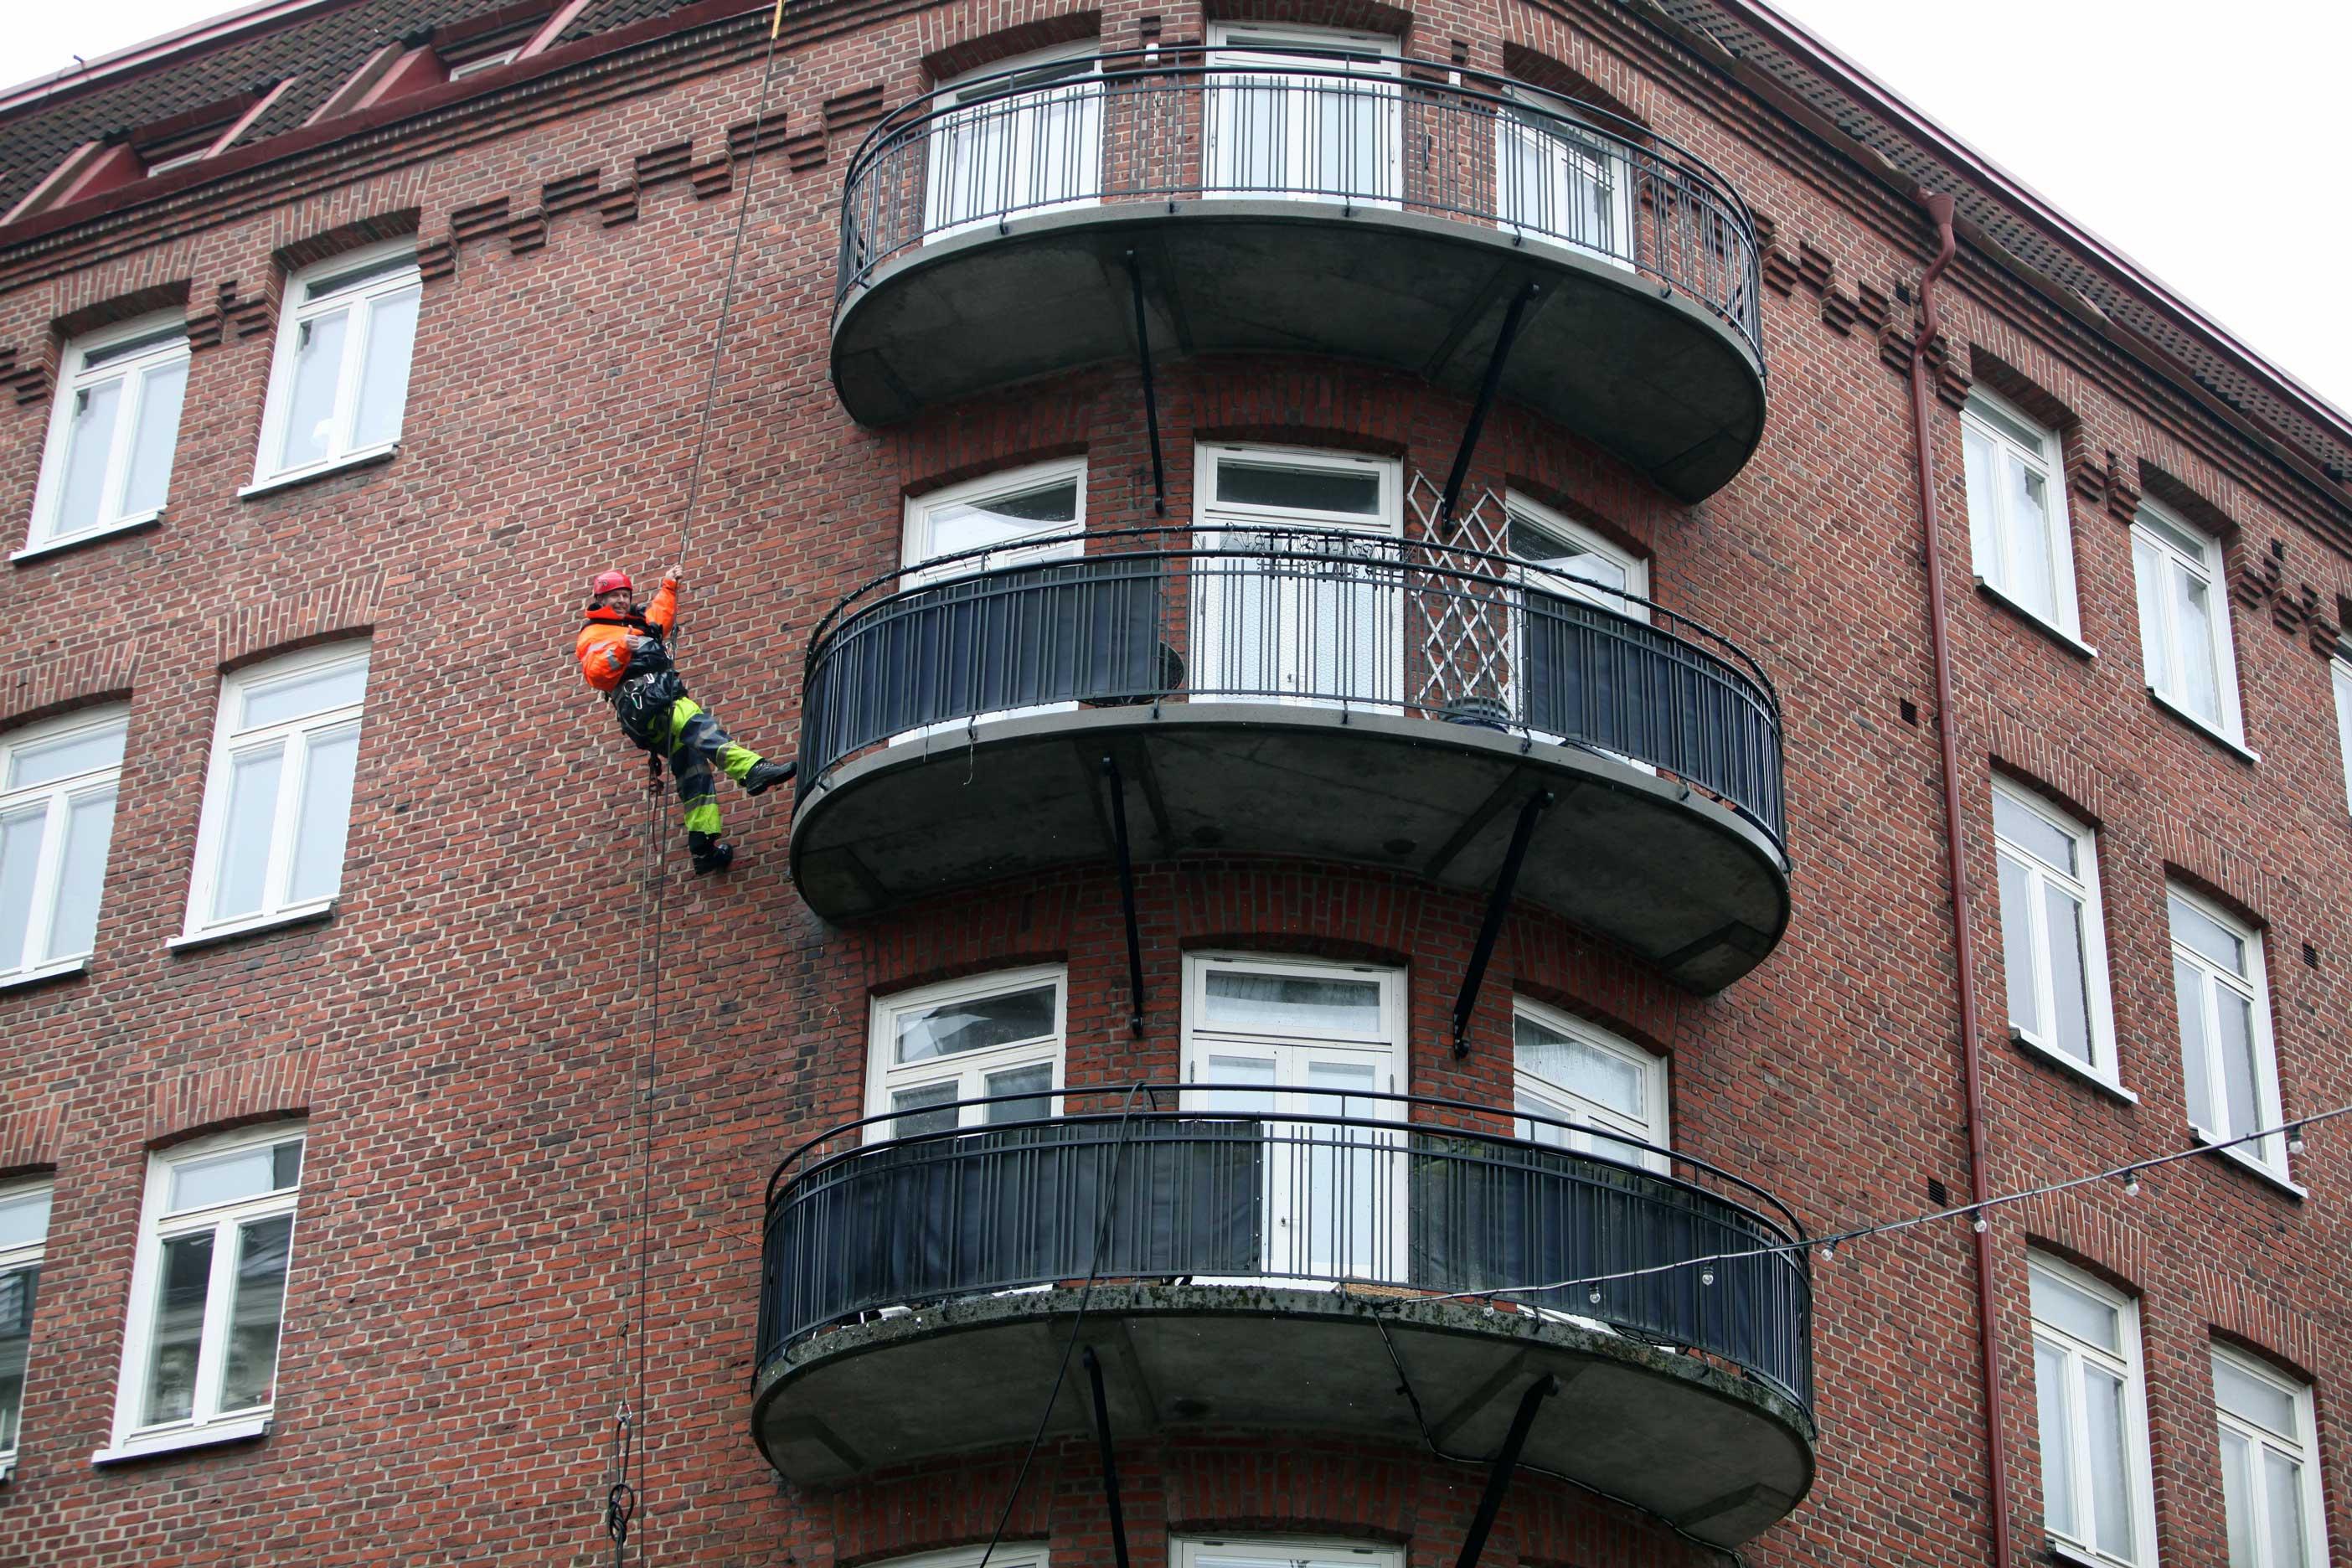 Rena balkonger utan lift eller ställning